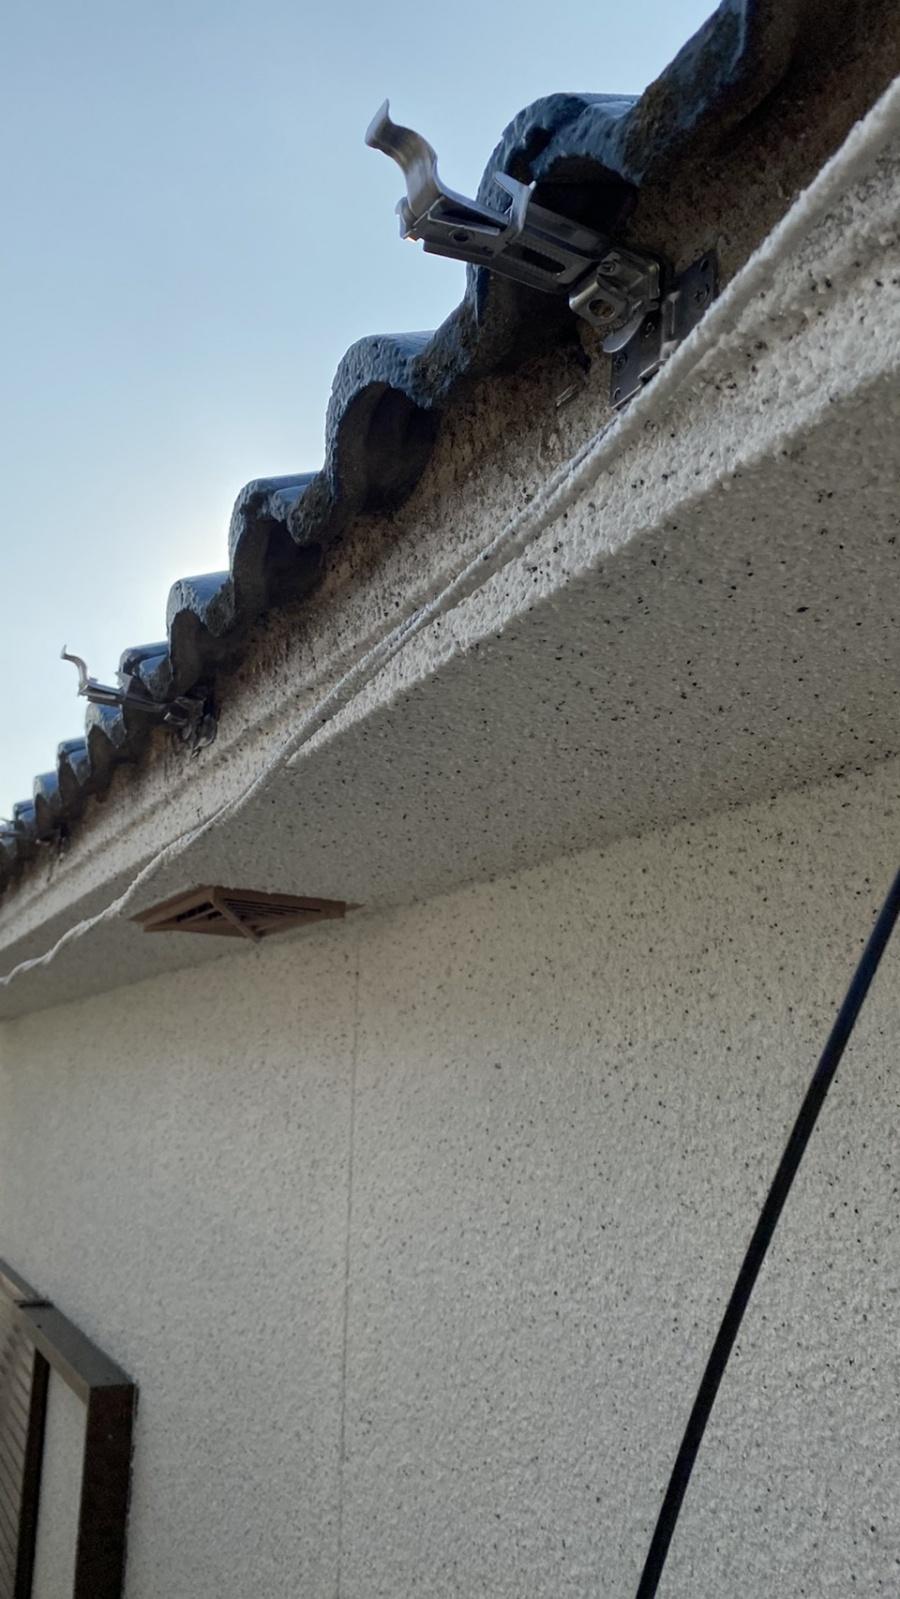 淡路市での雨樋修理で受け金具を取り付けている様子